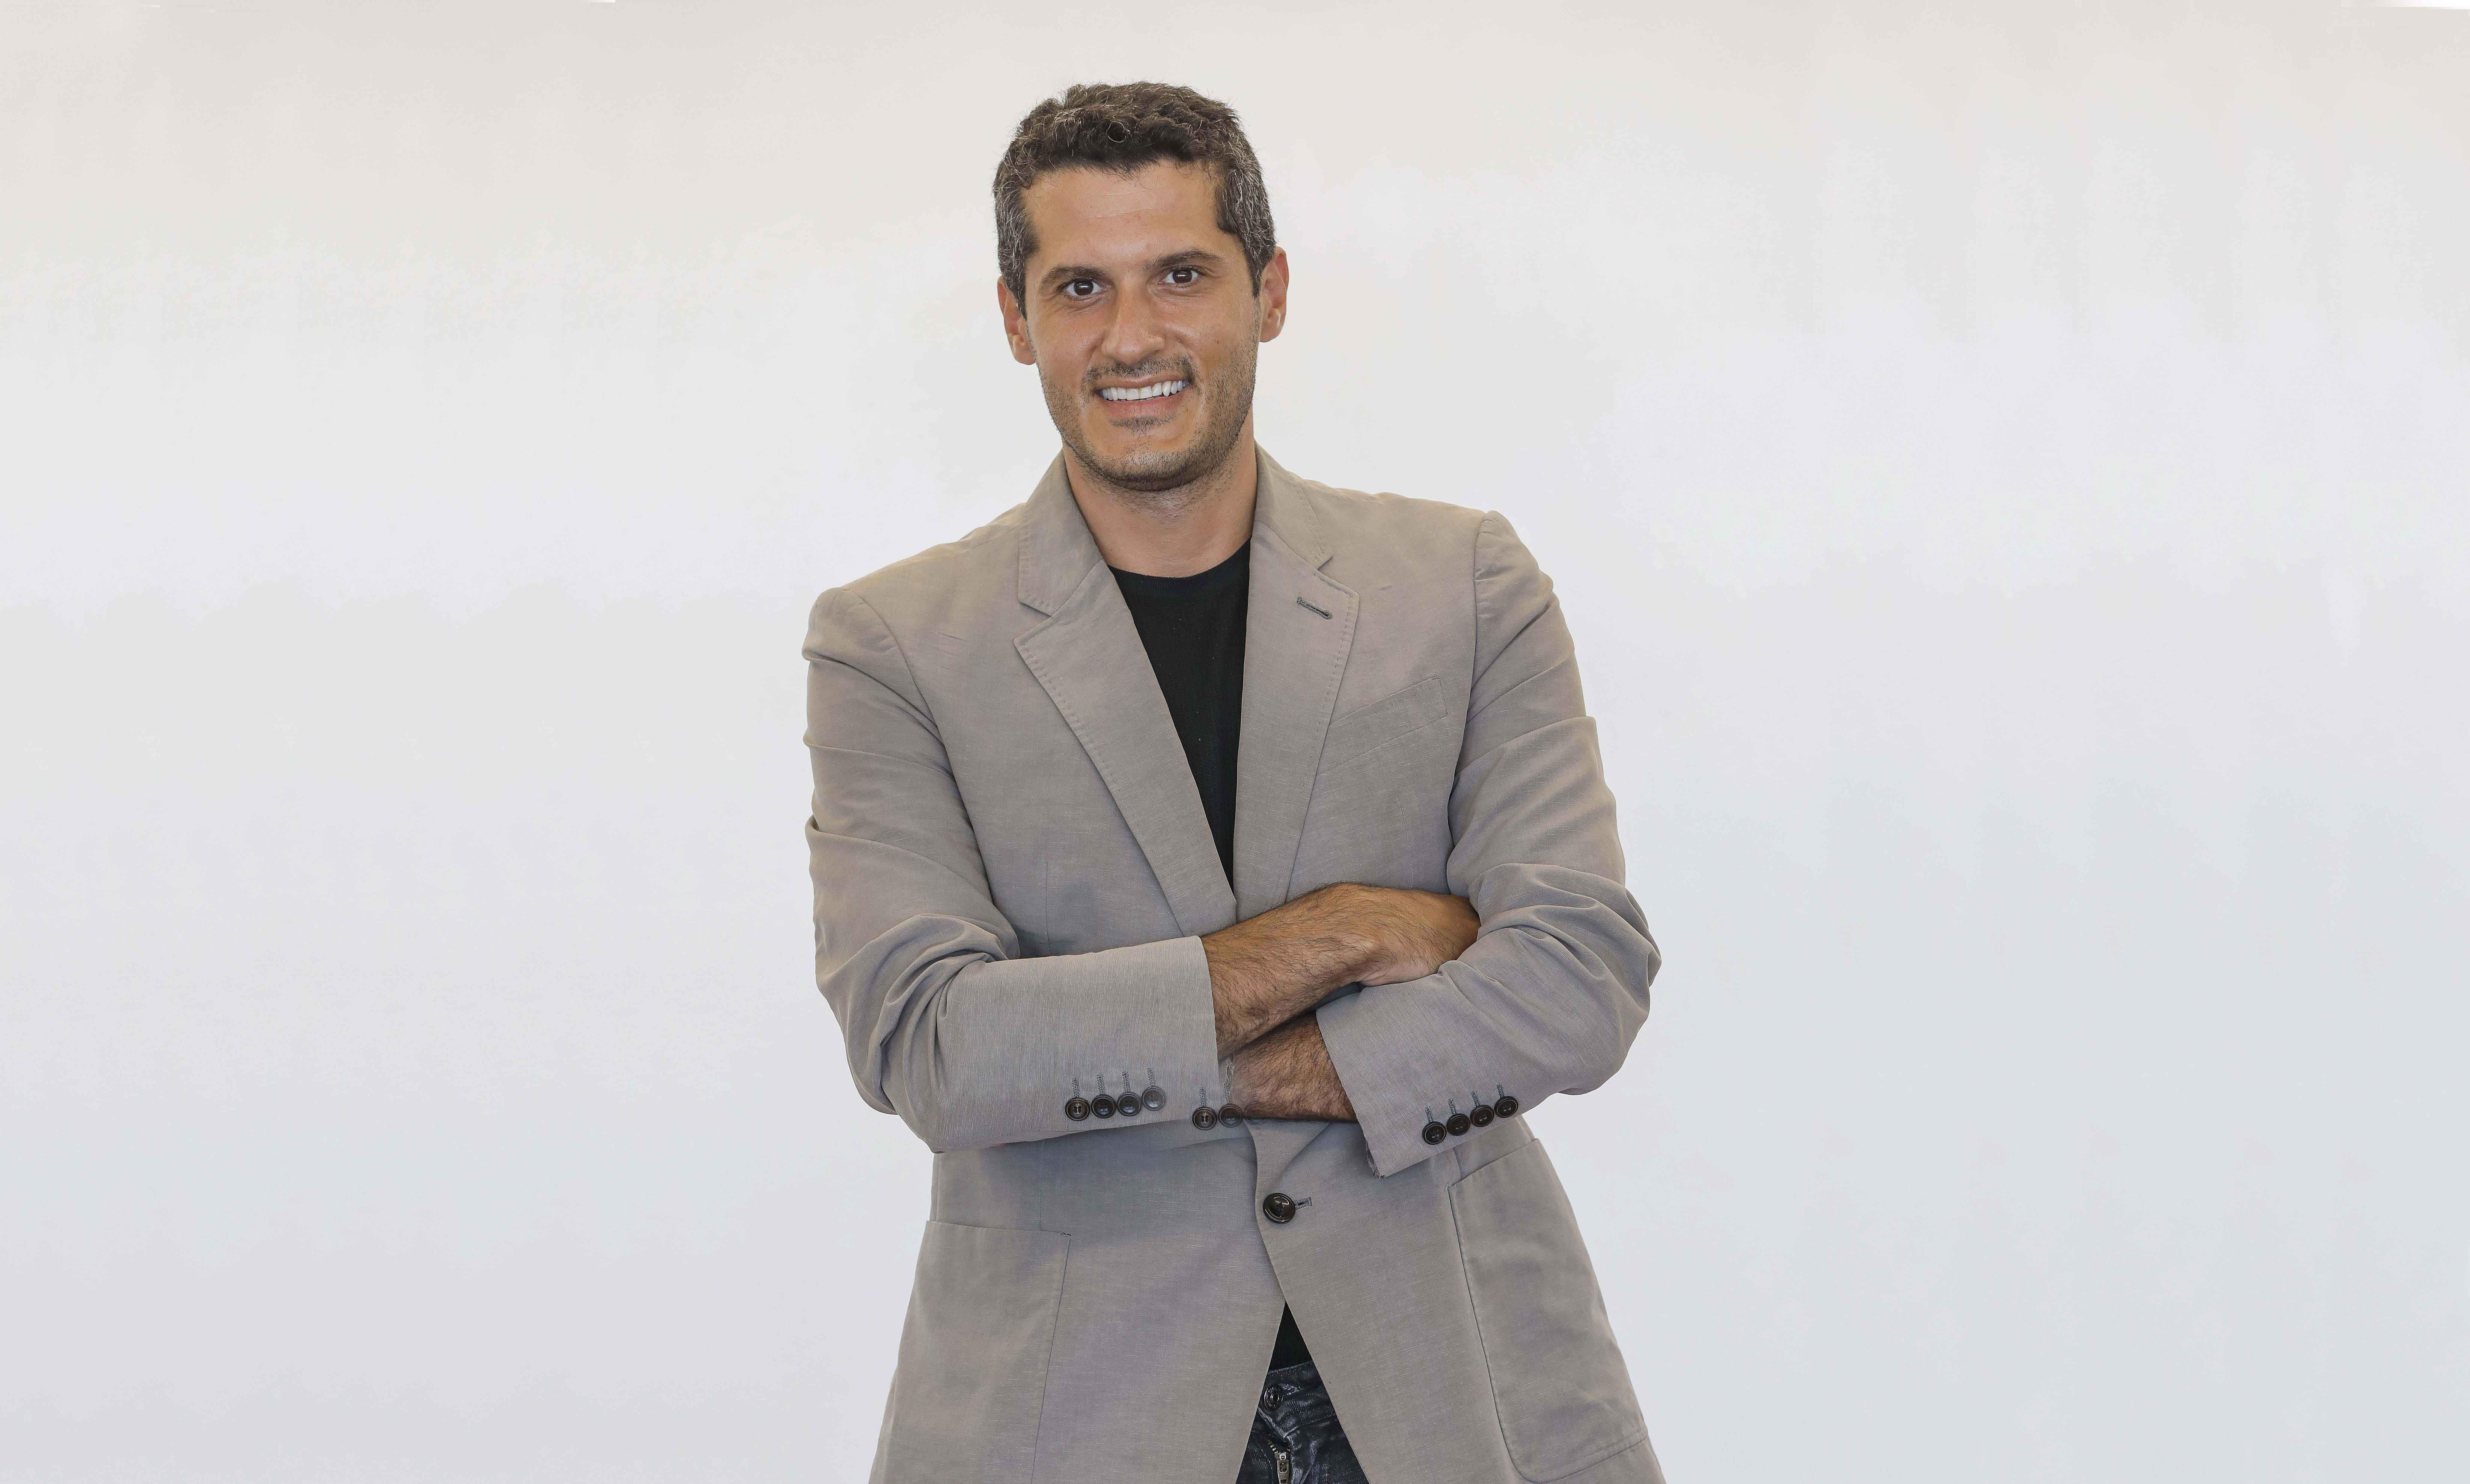 Fotografia Juan Ferrer, CEO de Hipoo